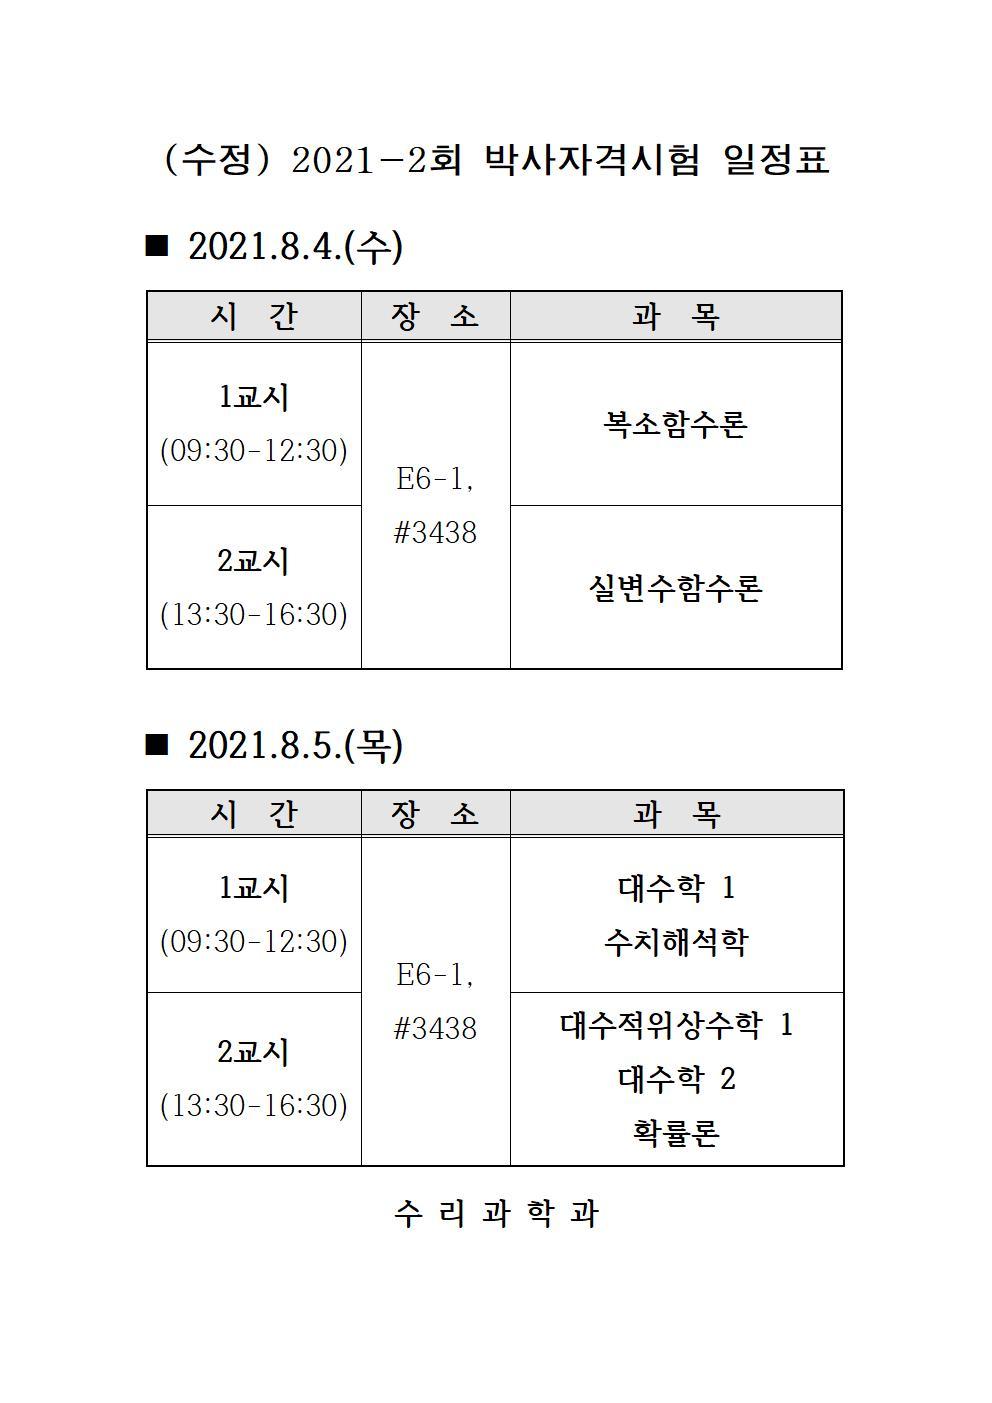 2021-2회 박사자격시험일정표_게시문001.jpg